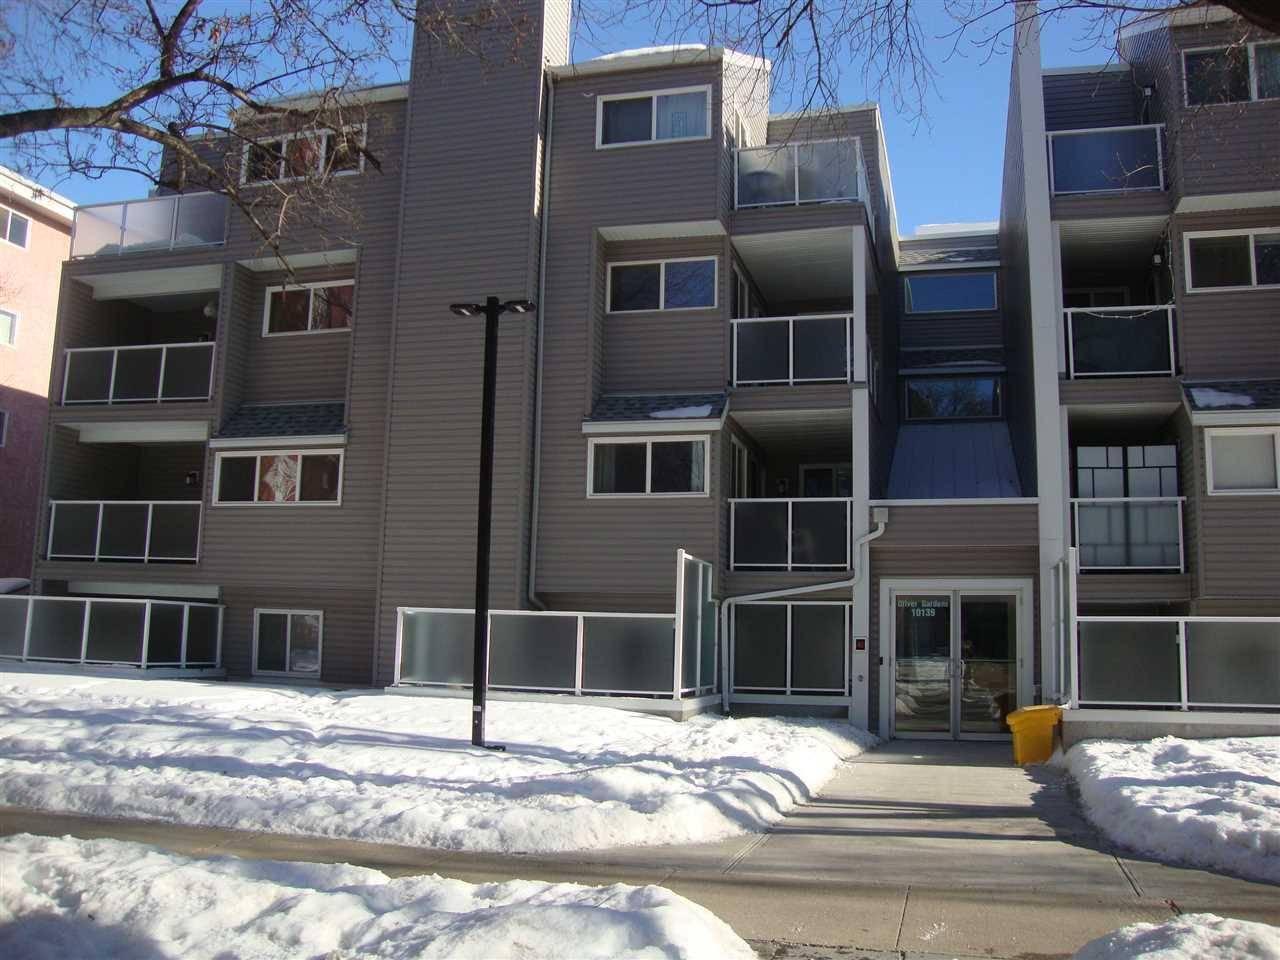 Condo for sale at 10139 117 St Nw Unit 207 Edmonton Alberta - MLS: E4186975